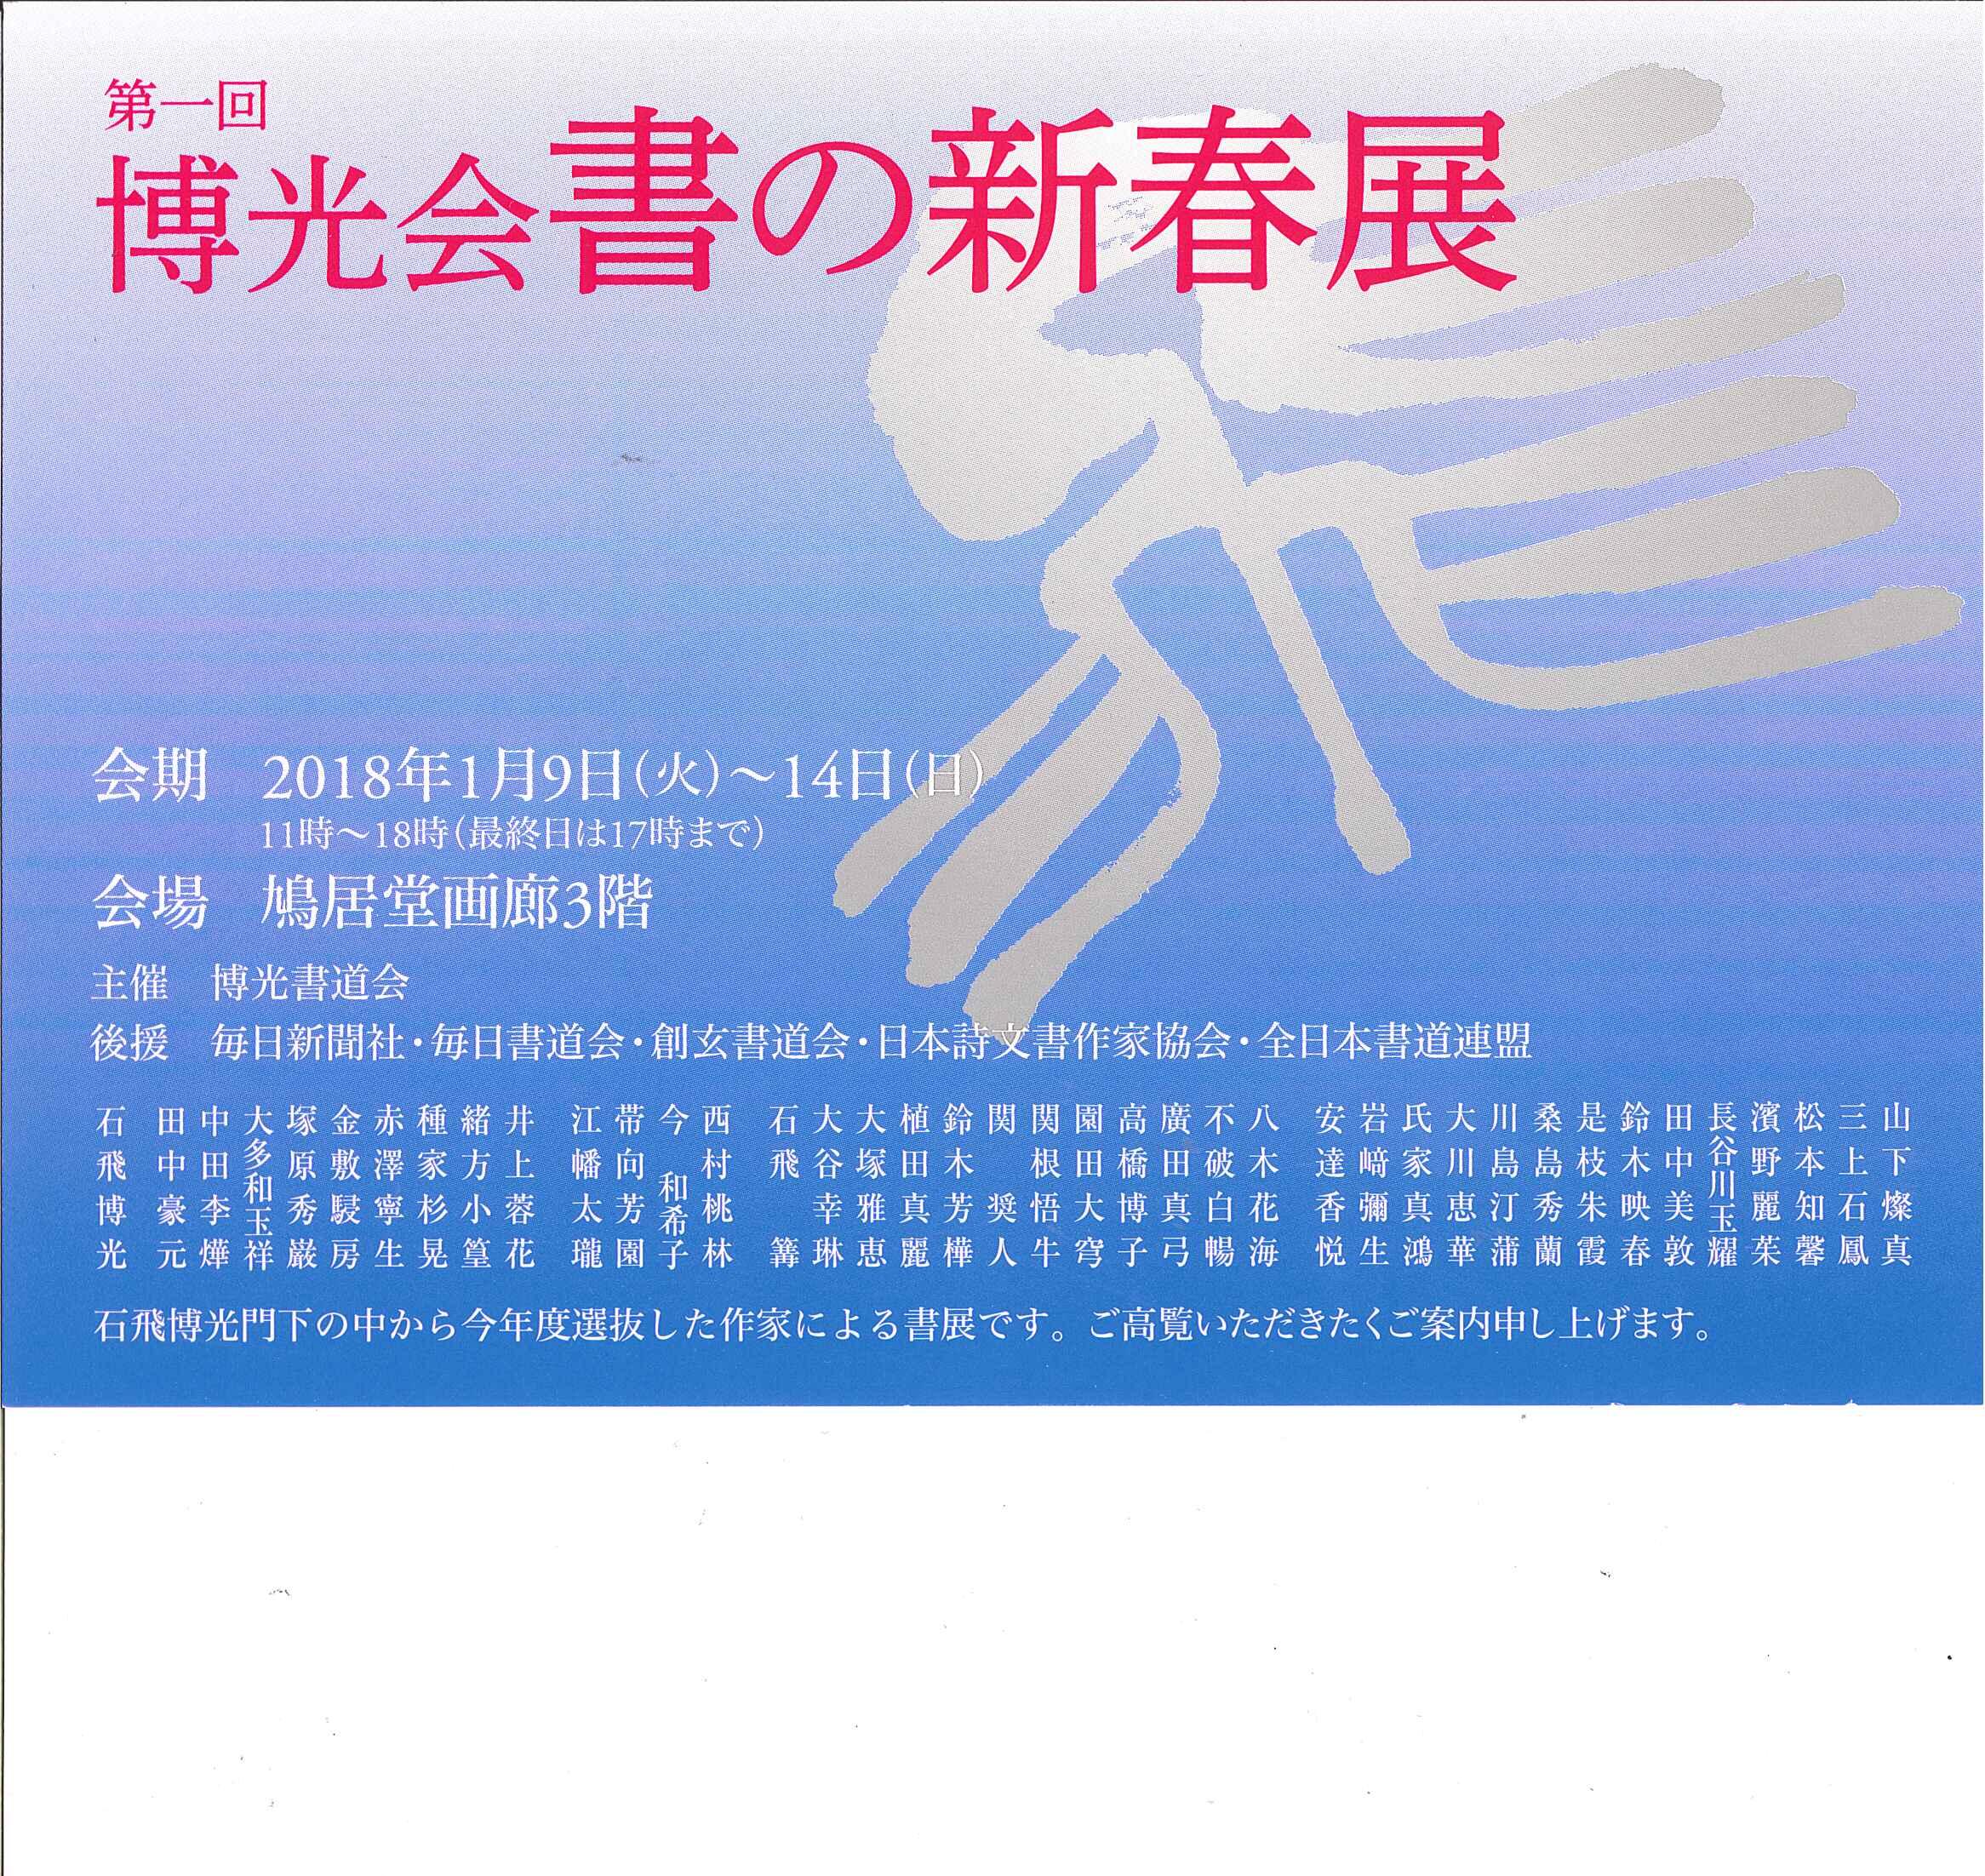 http://www.sogen.or.jp/letter/2017/12/30/20171230175047653_0001.jpg